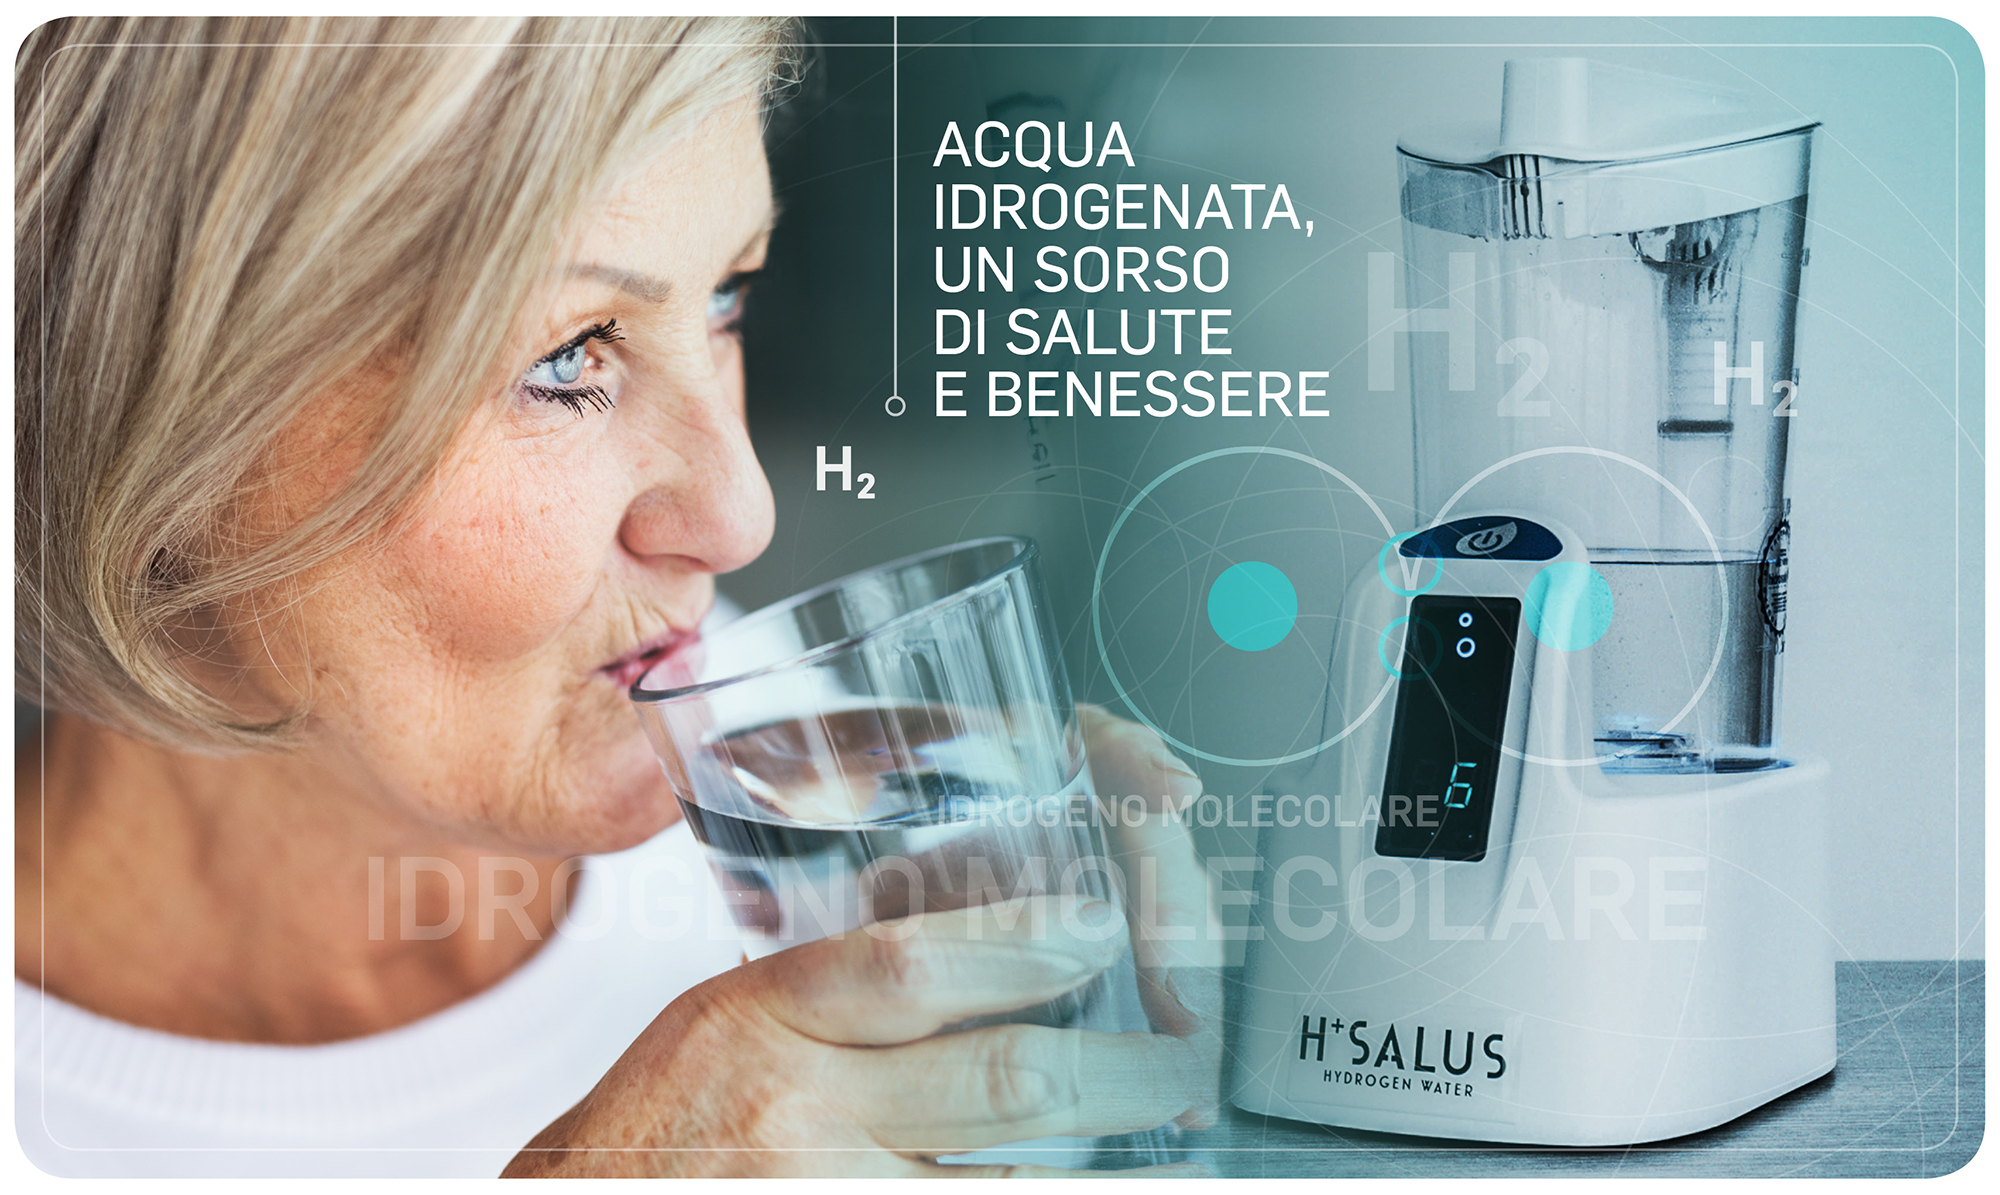 acqua idrogenata